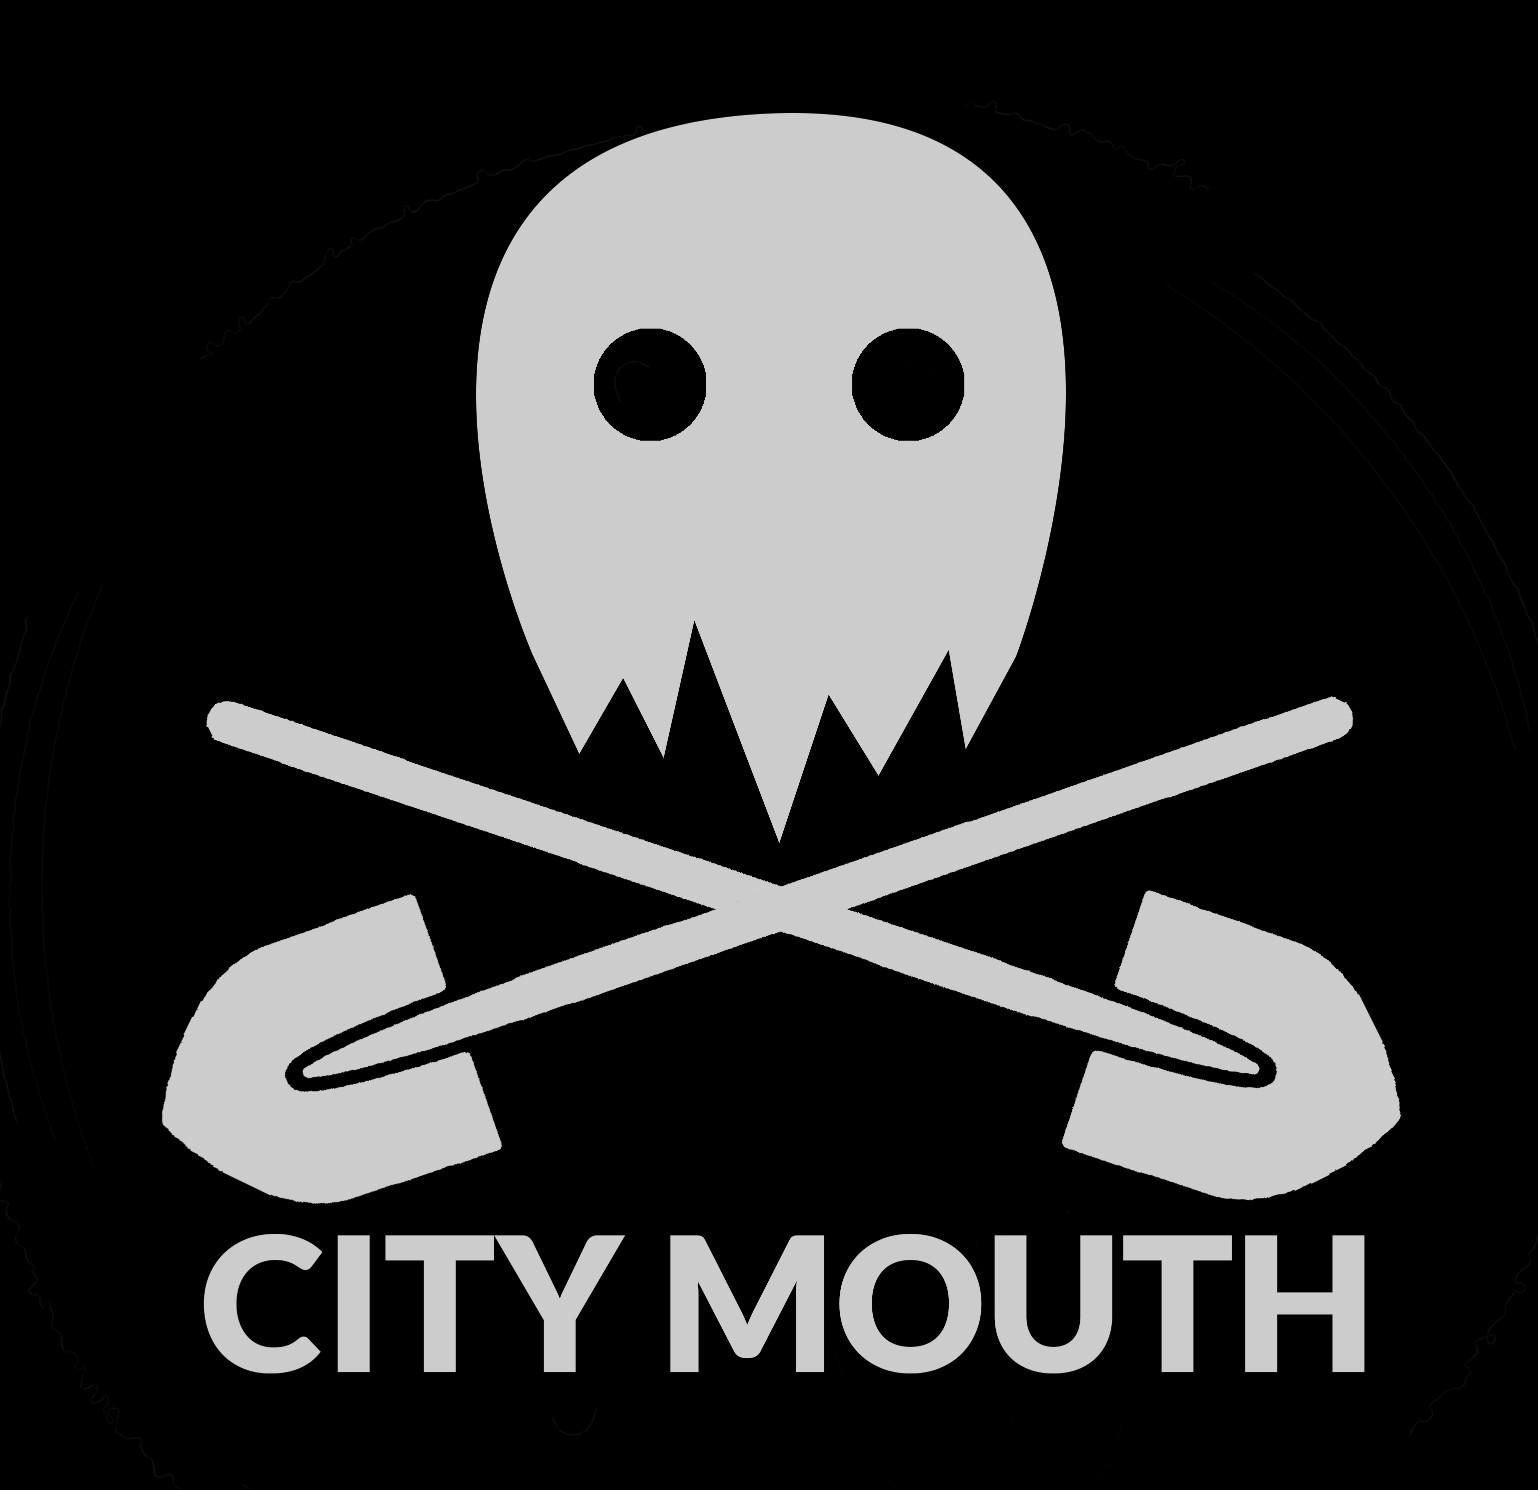 citymouth2